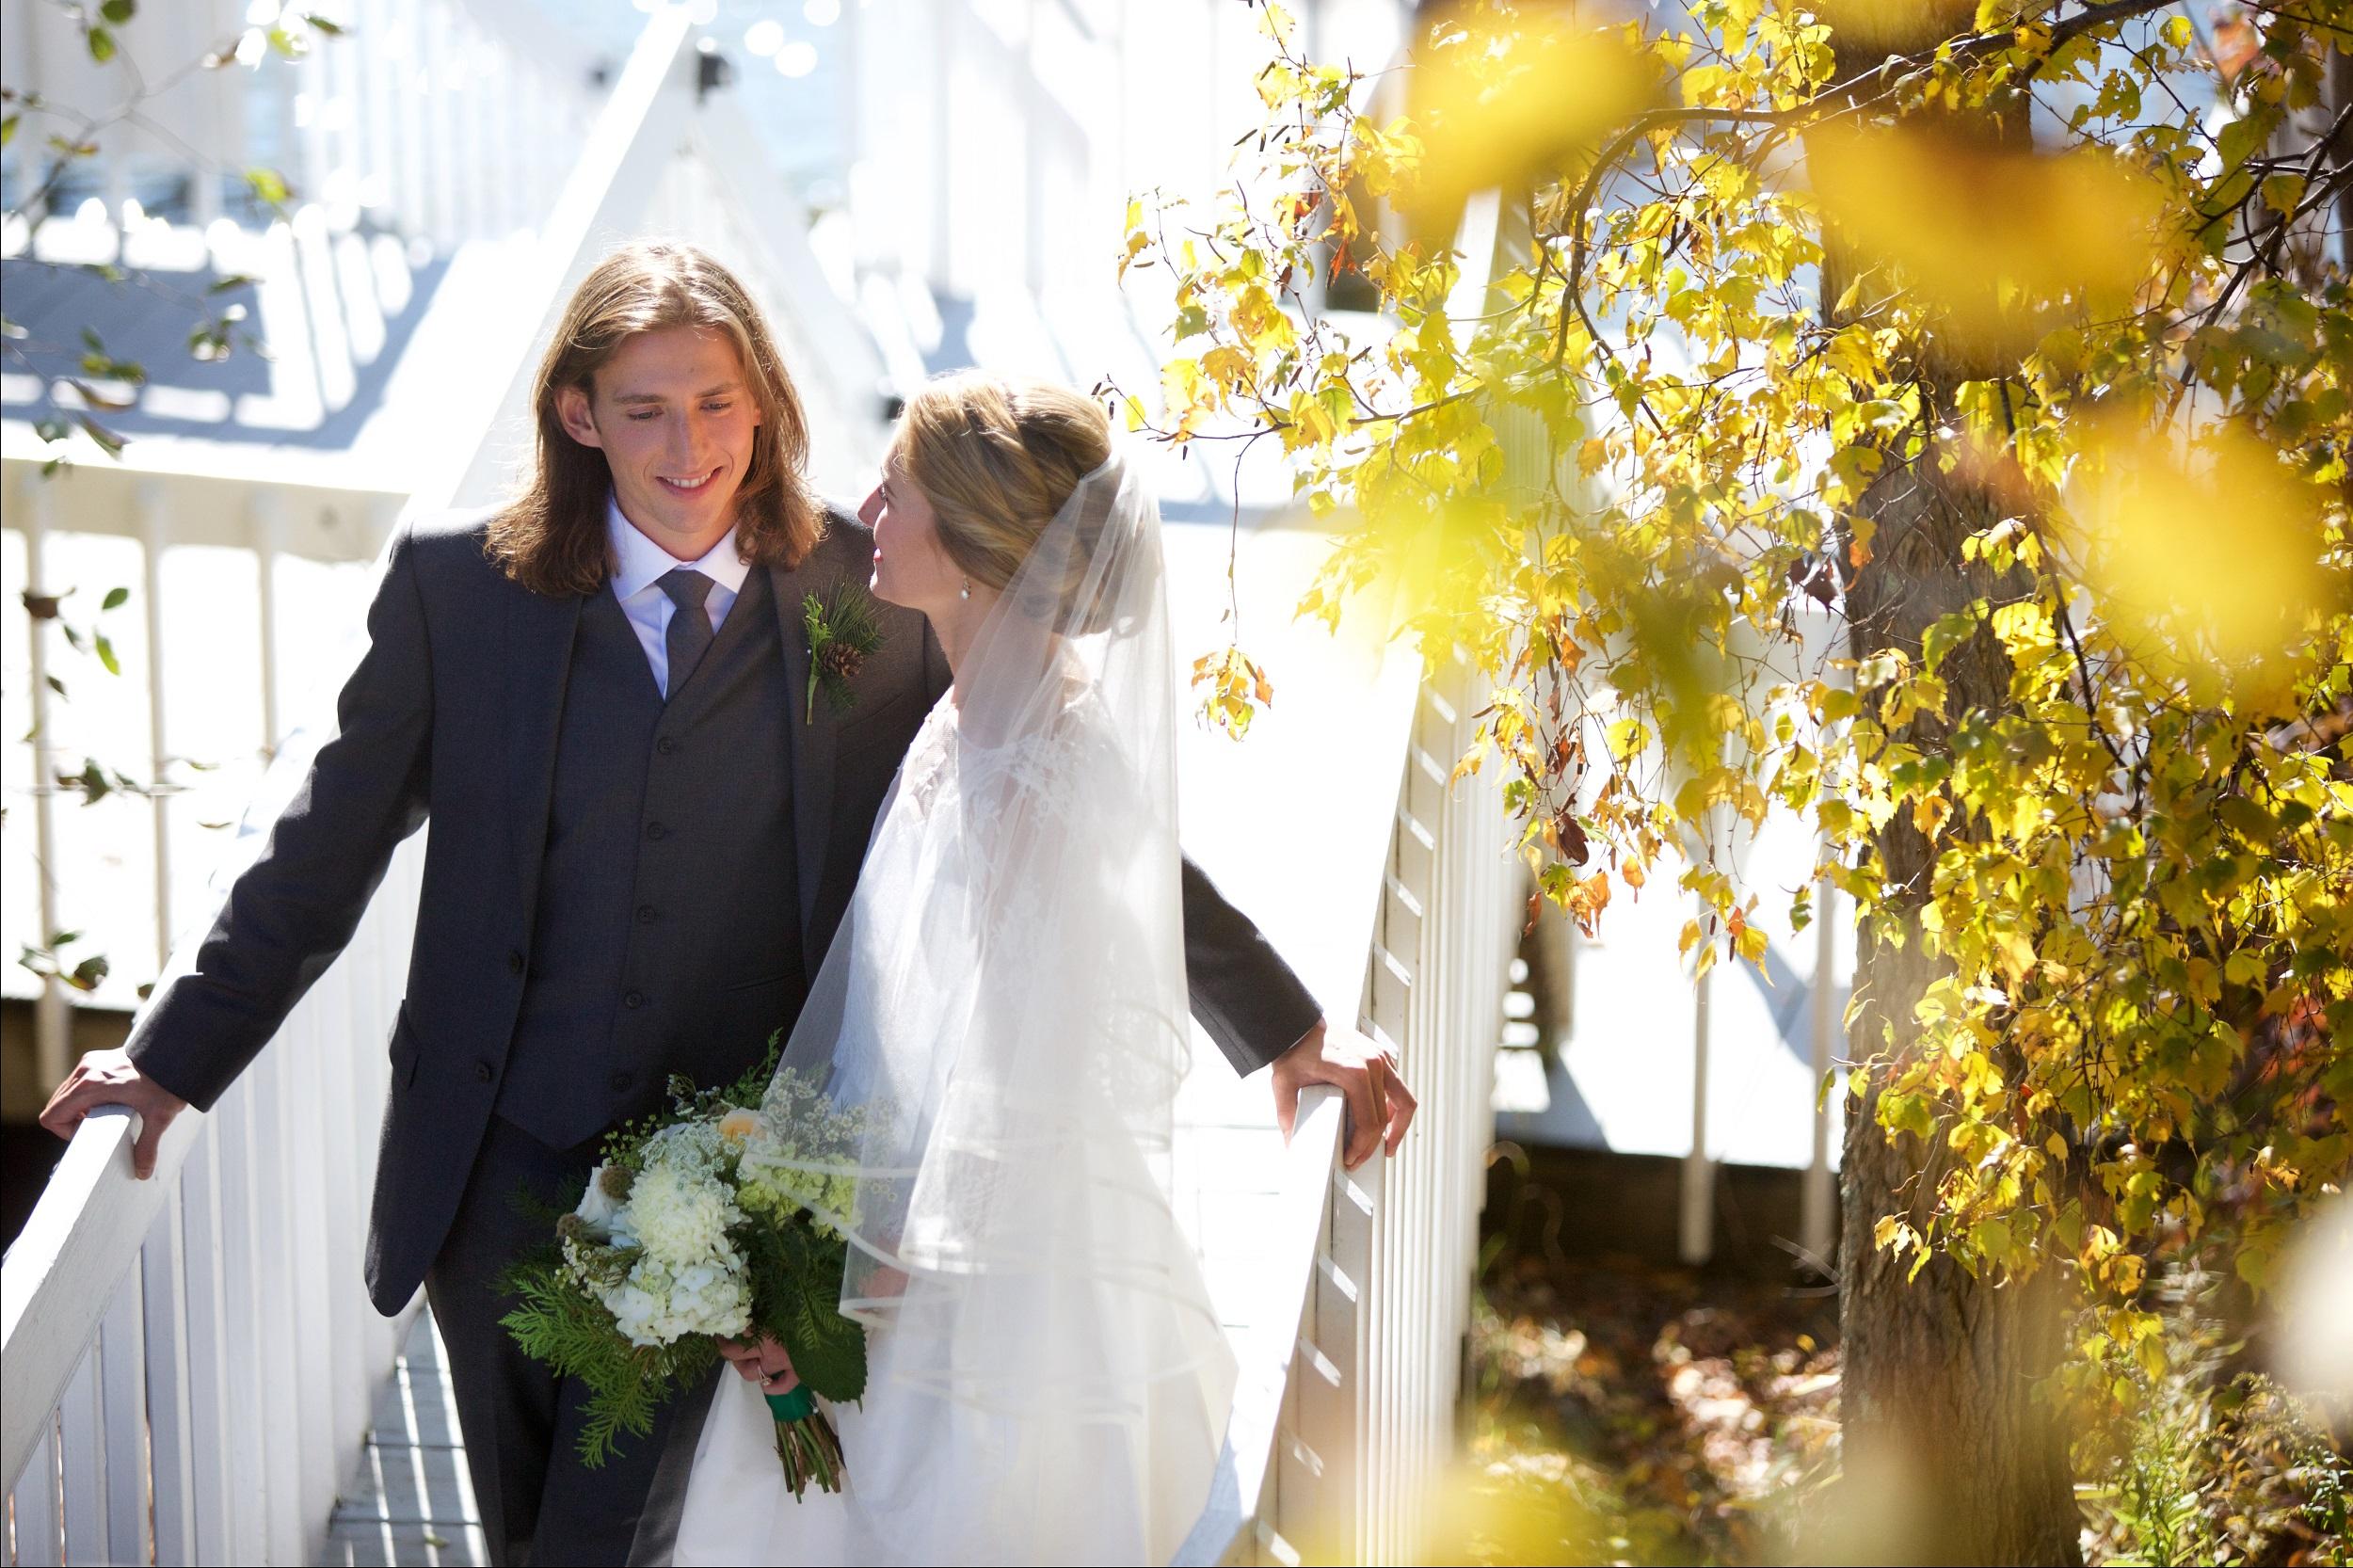 aphroditeweddingphotos.com 3.jpg